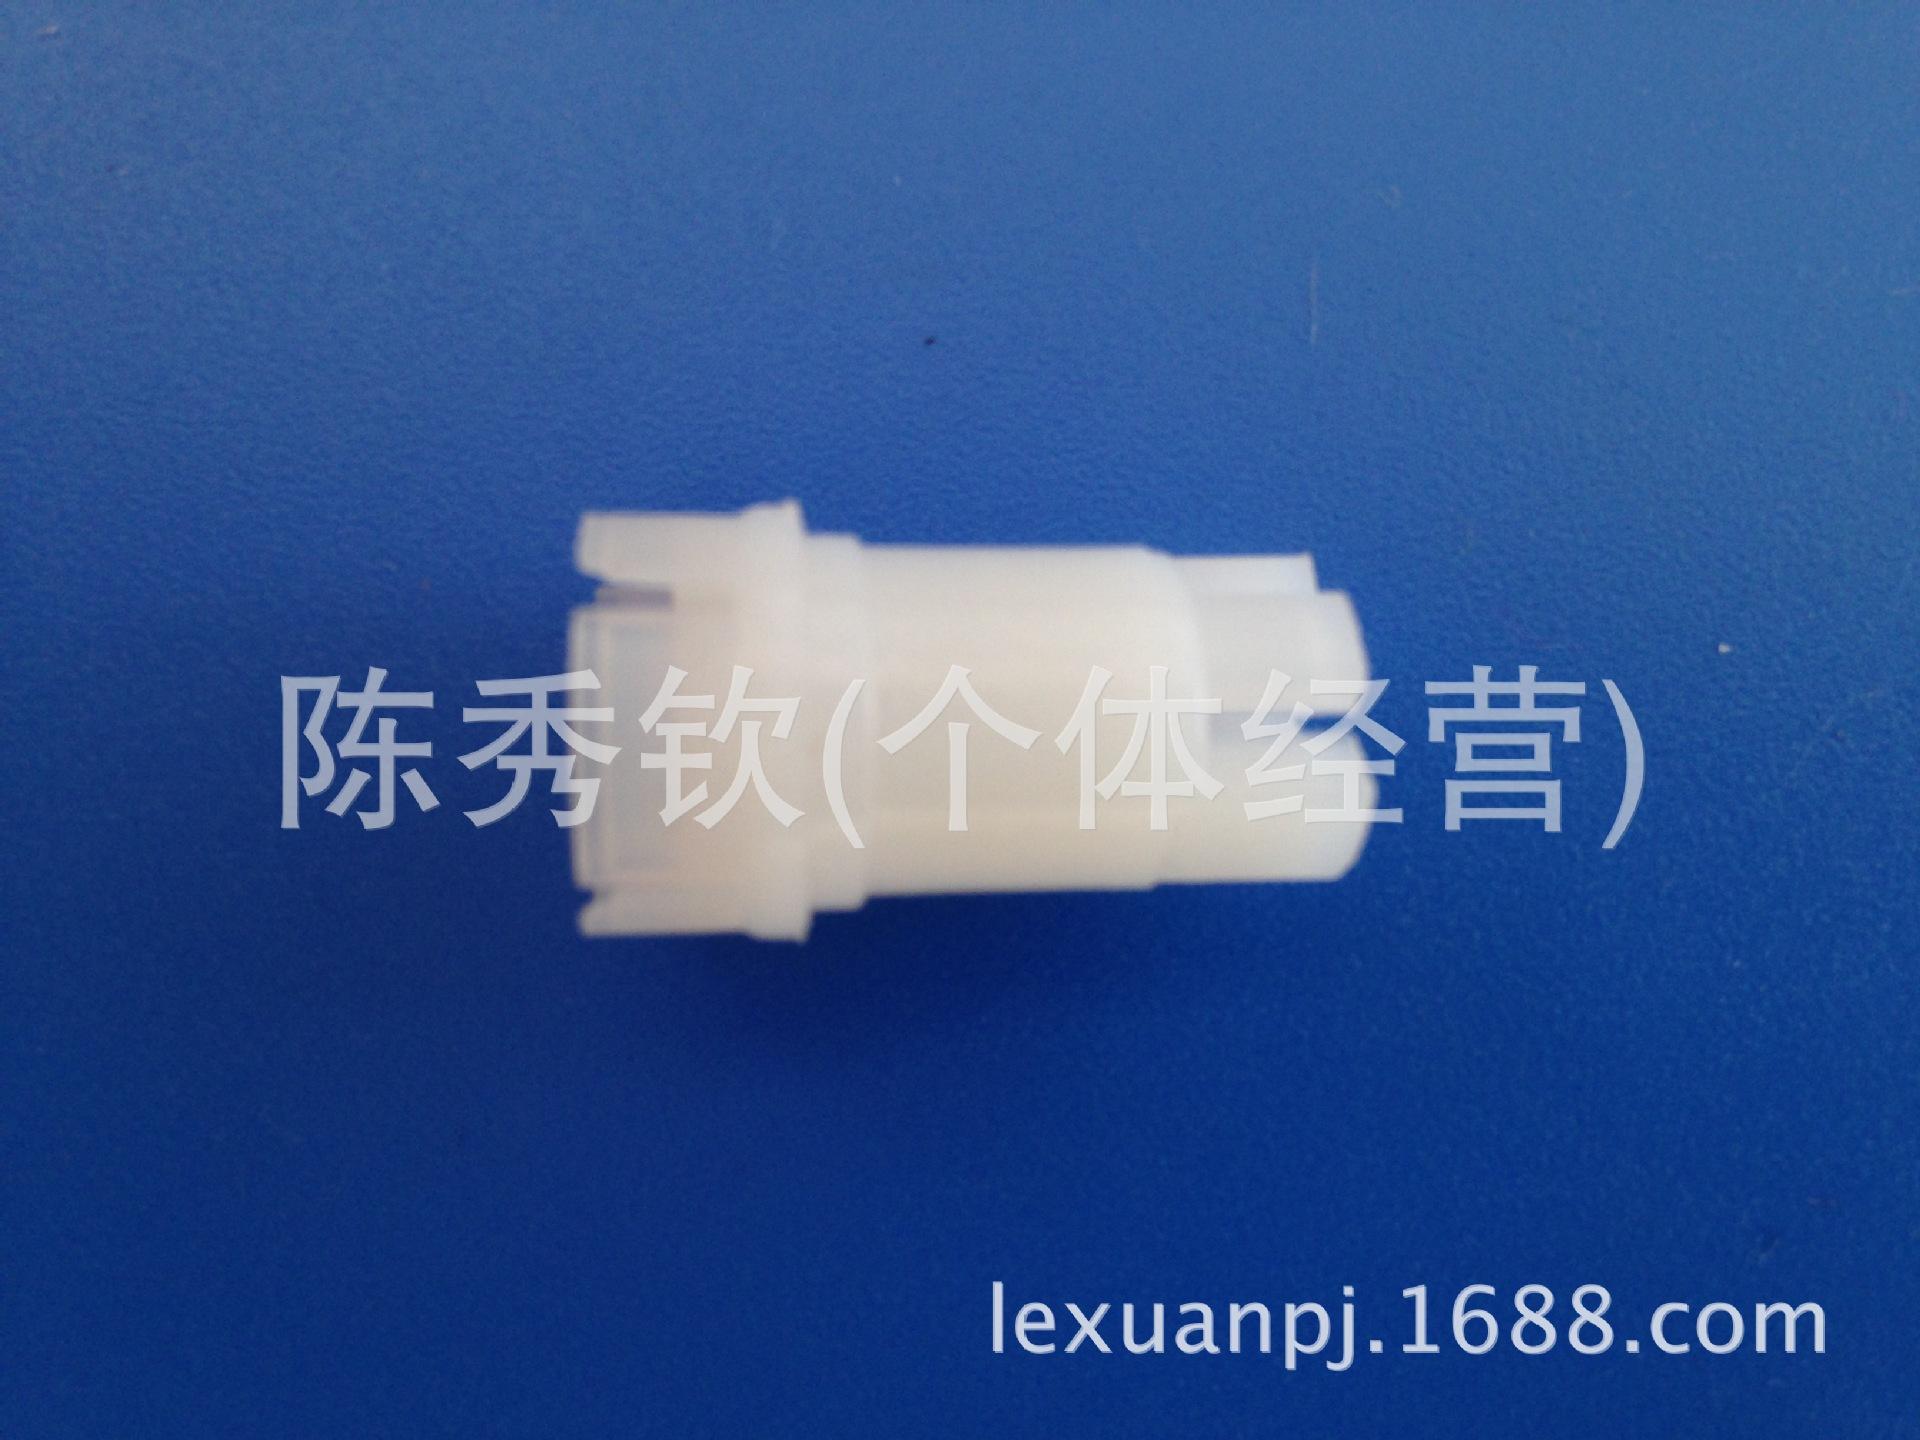 汽车制动泵配件塑料弹簧座LX THZ002 -价格,厂家,图片,制动泵,高清图片